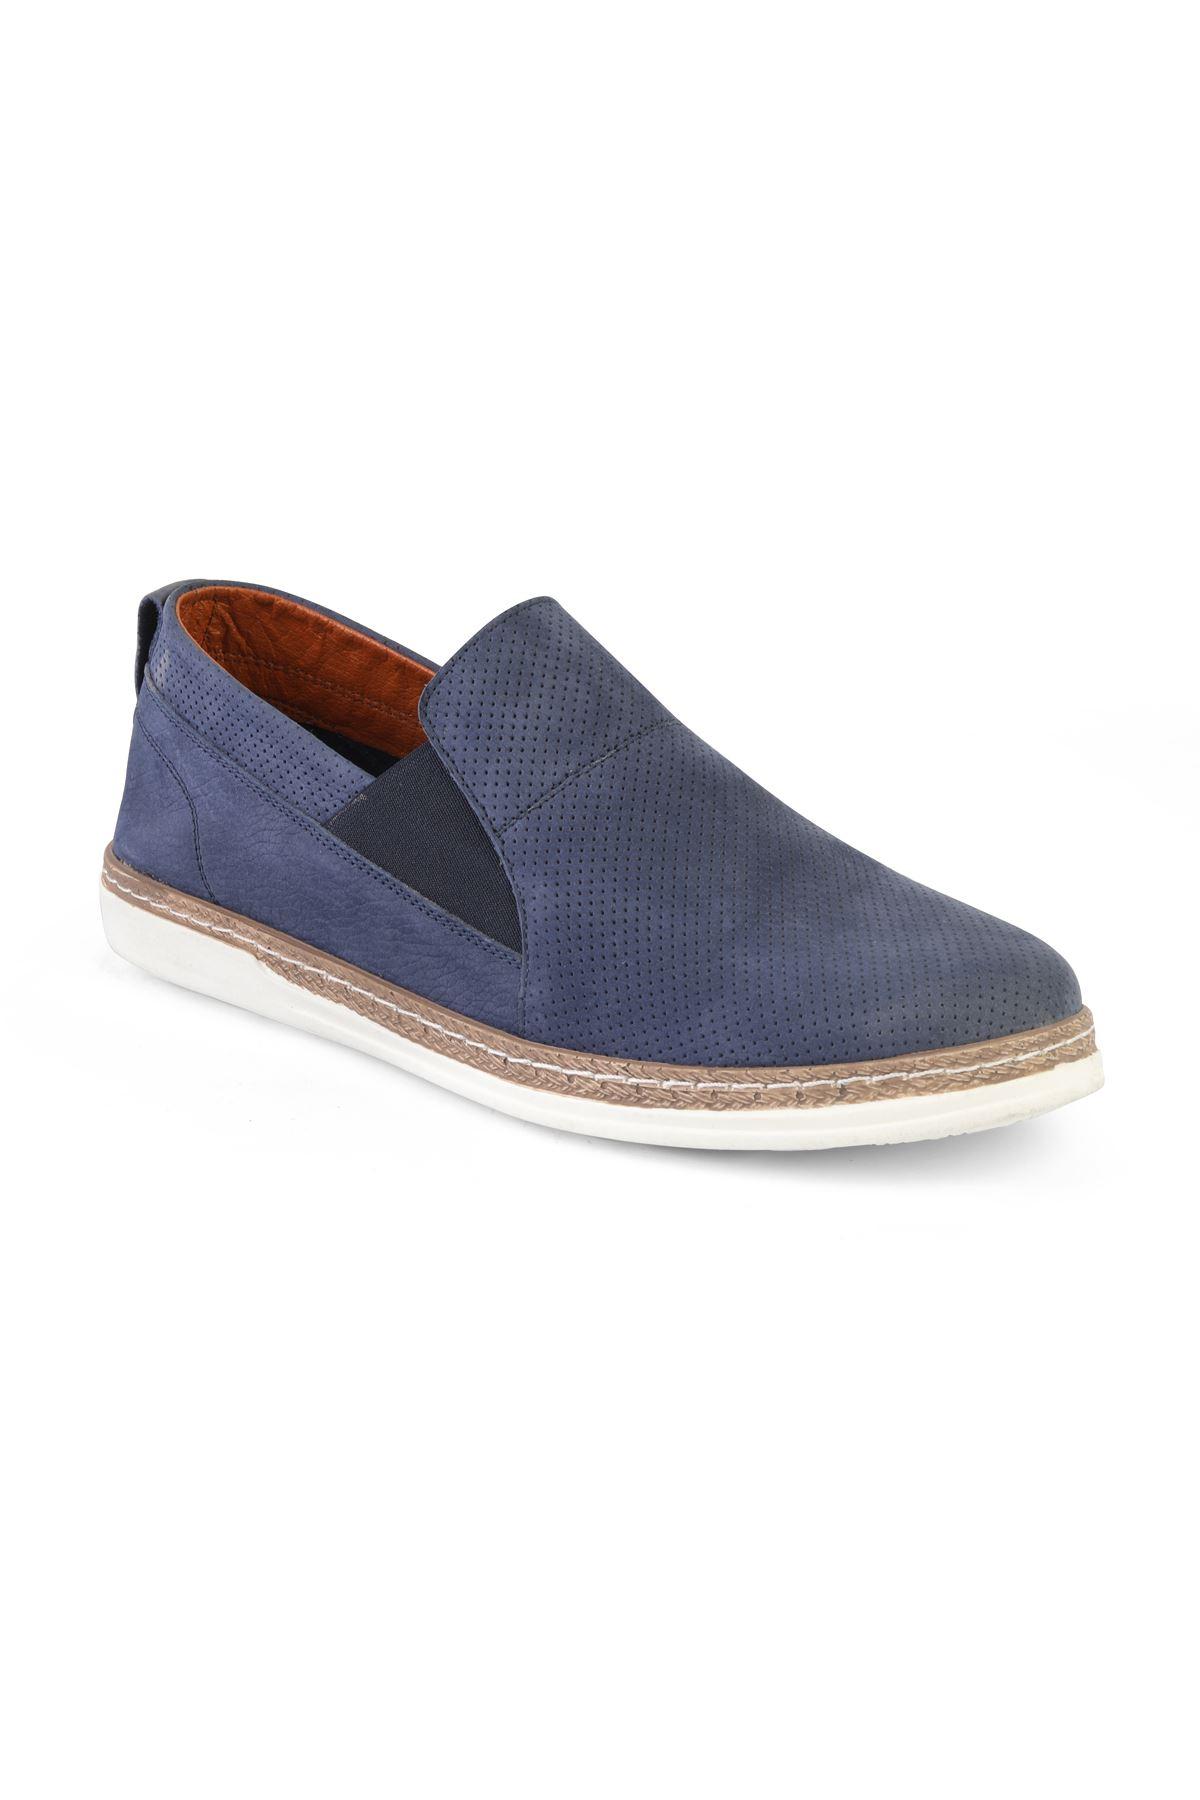 Libero T1232 Lacivert Loafer Ayakkabı